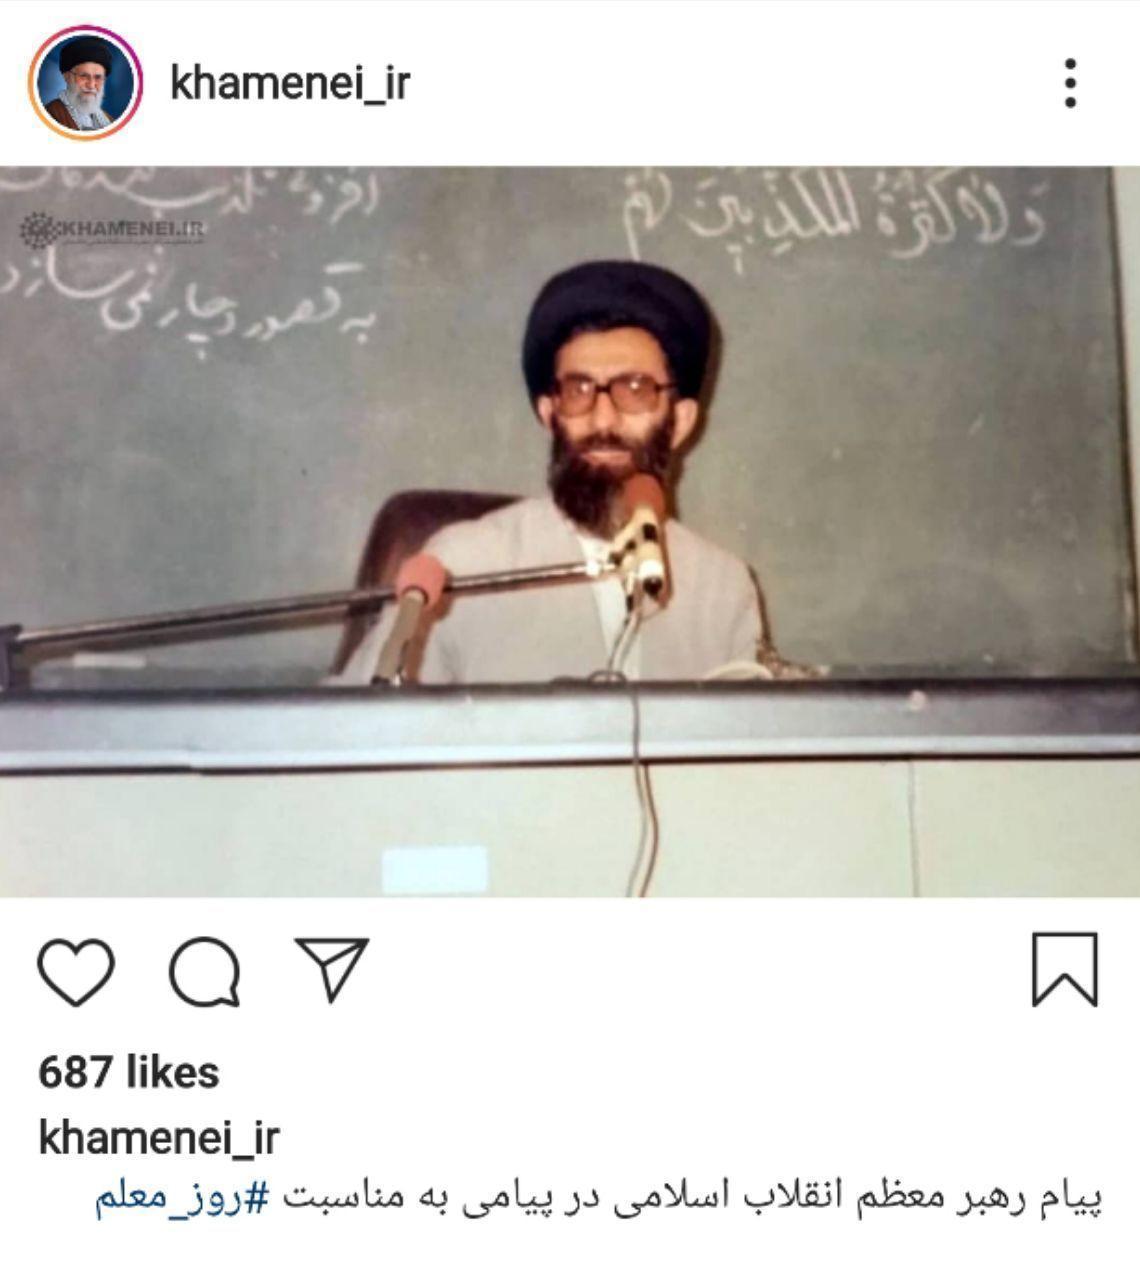 تصویری منتشر نشده از مقام معظم رهبری در کلاس درس